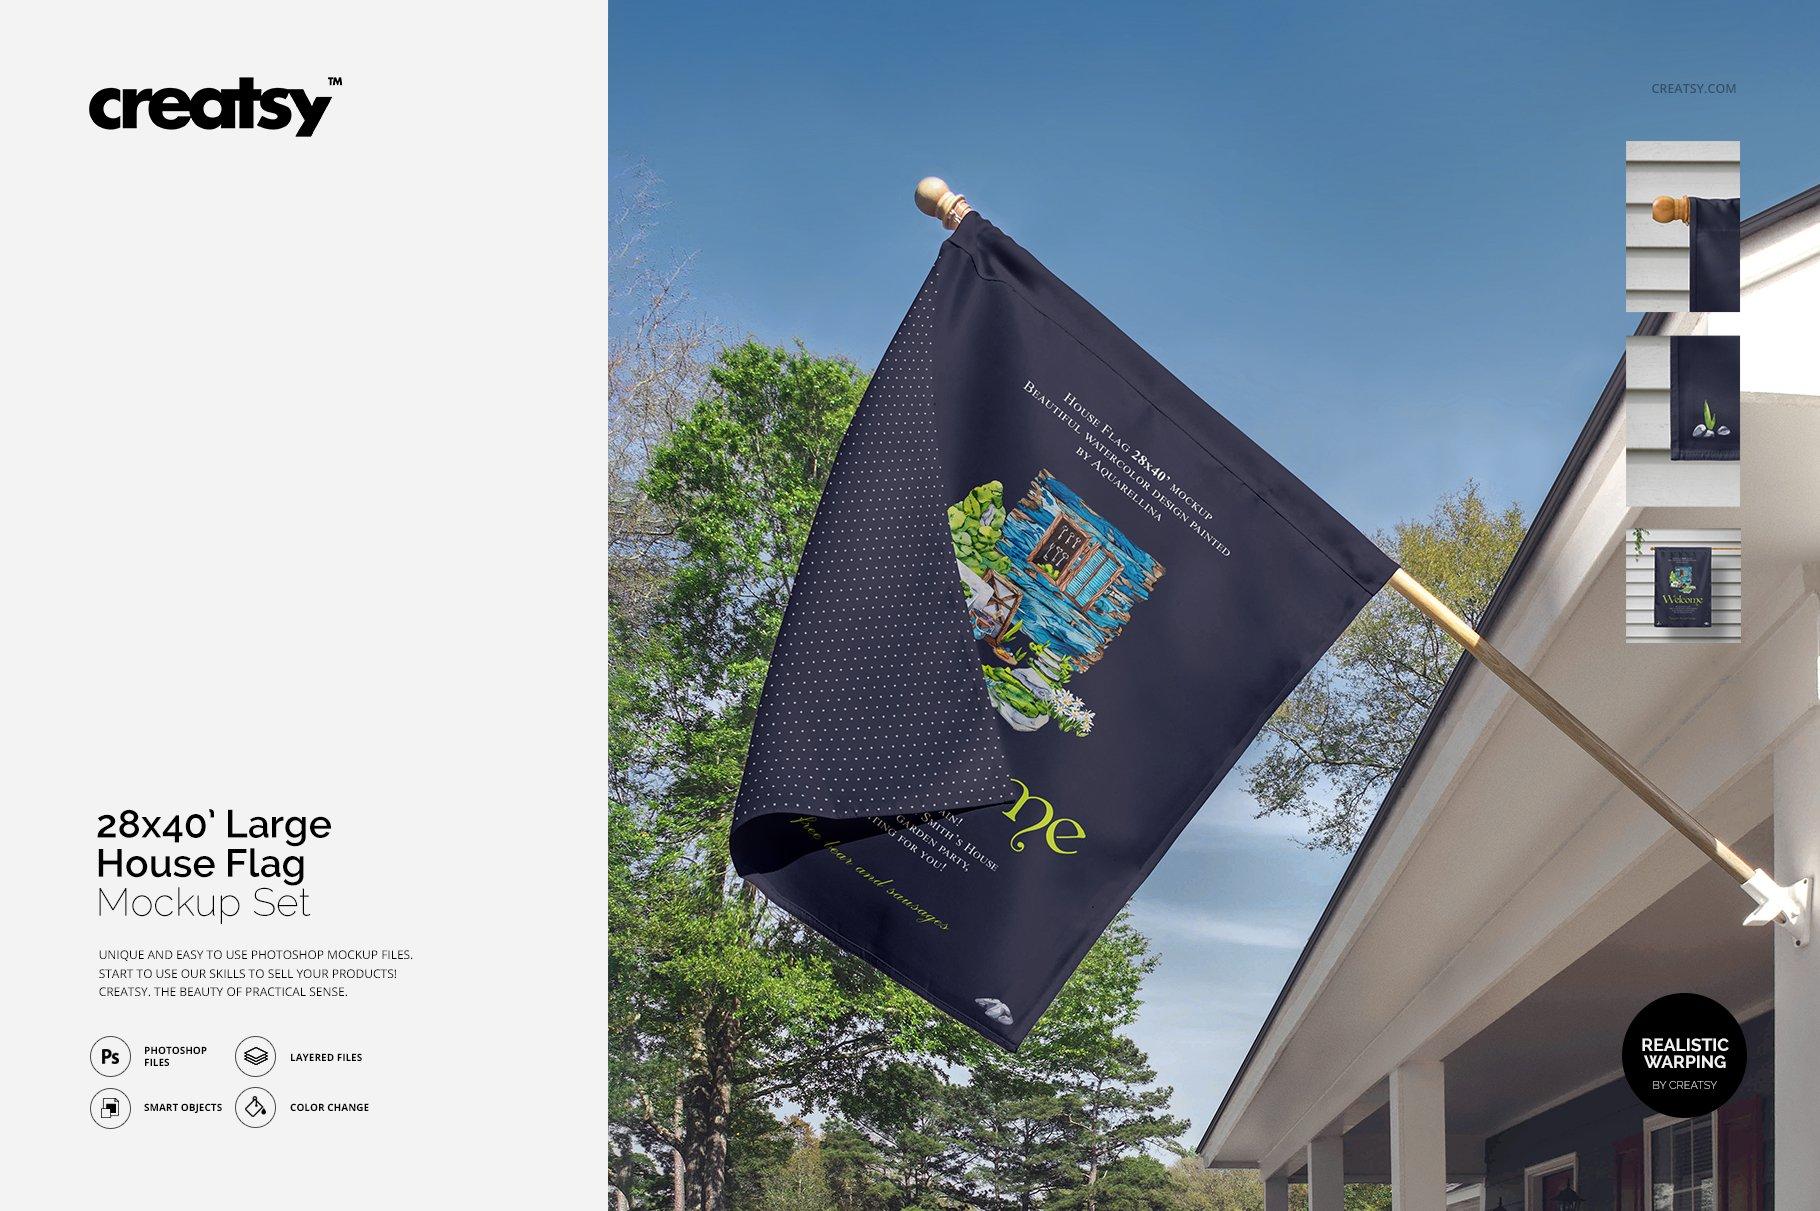 房屋悬挂旗帜设计展示图样机模板合集 Large House Flag Mockup Set插图